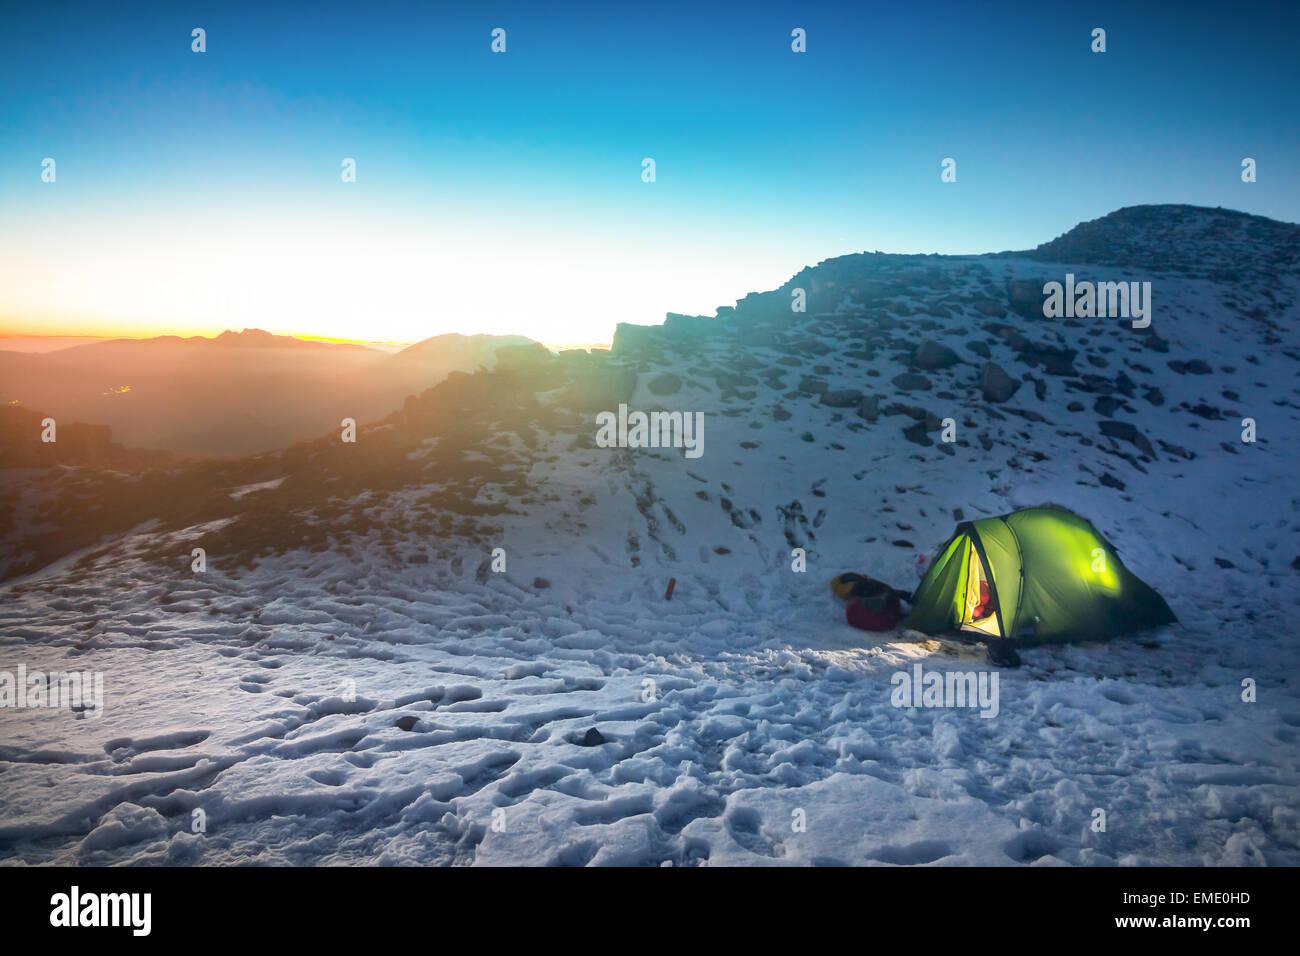 Tente éclairée et le coucher du soleil dans les montagnes Photo Stock